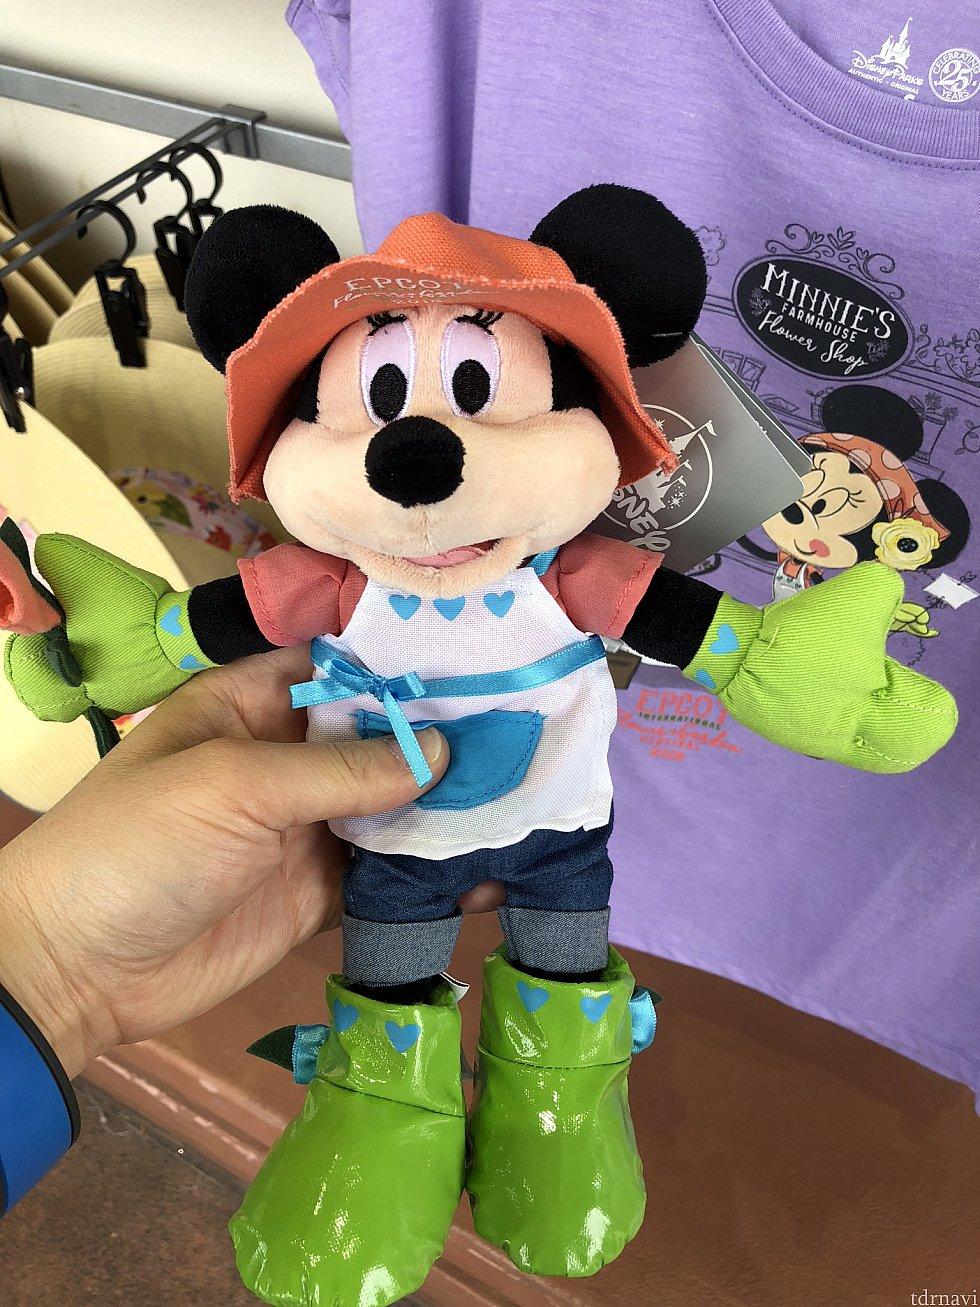 これが結構微妙なミニーのぬいぐるみ。最初はミッキーかと思いました。ガーデニングスタイルですね。$19.99